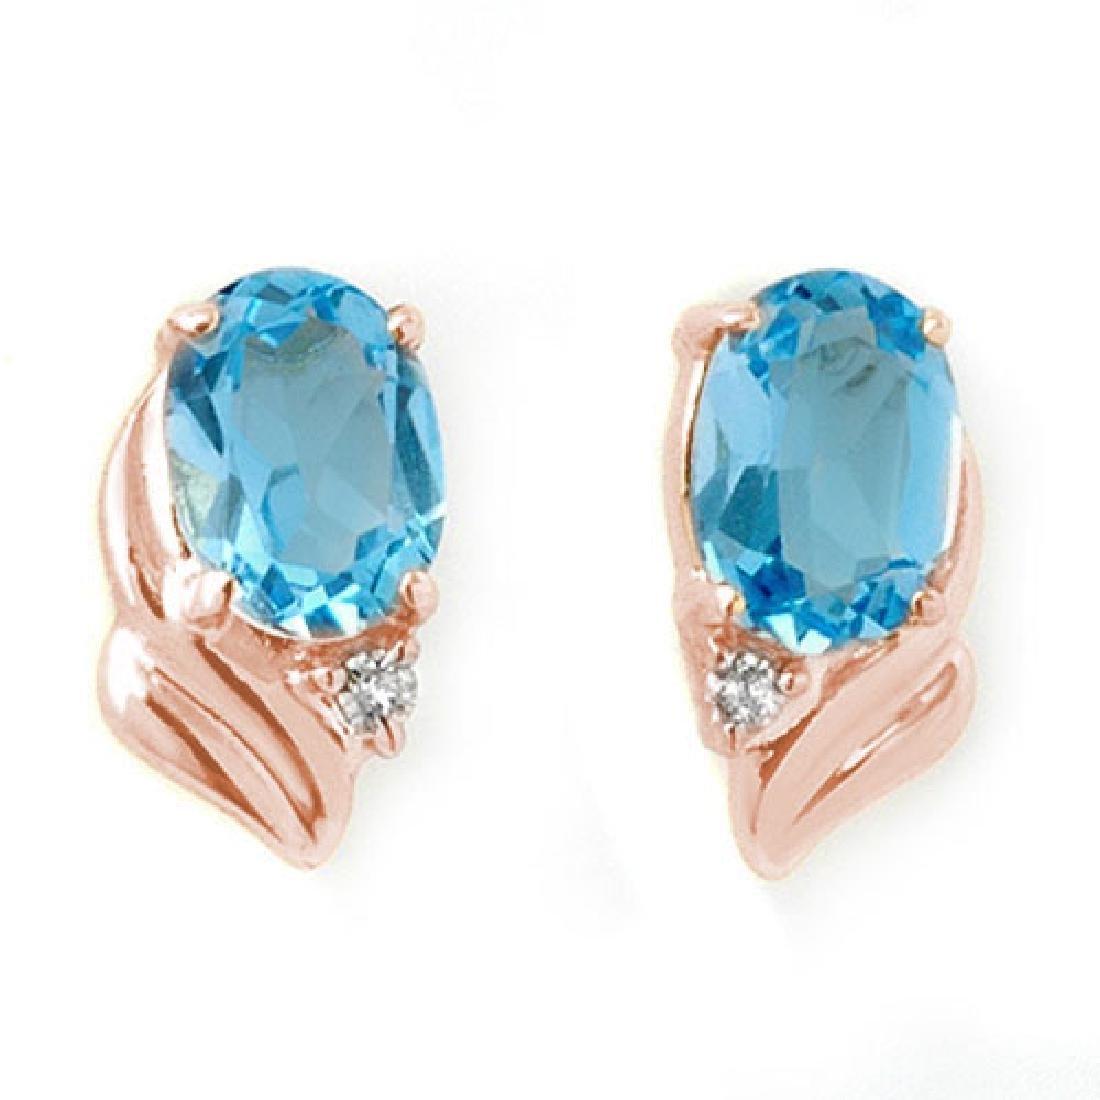 1.23 CTW Blue Topaz & Diamond Earrings 14K Rose Gold